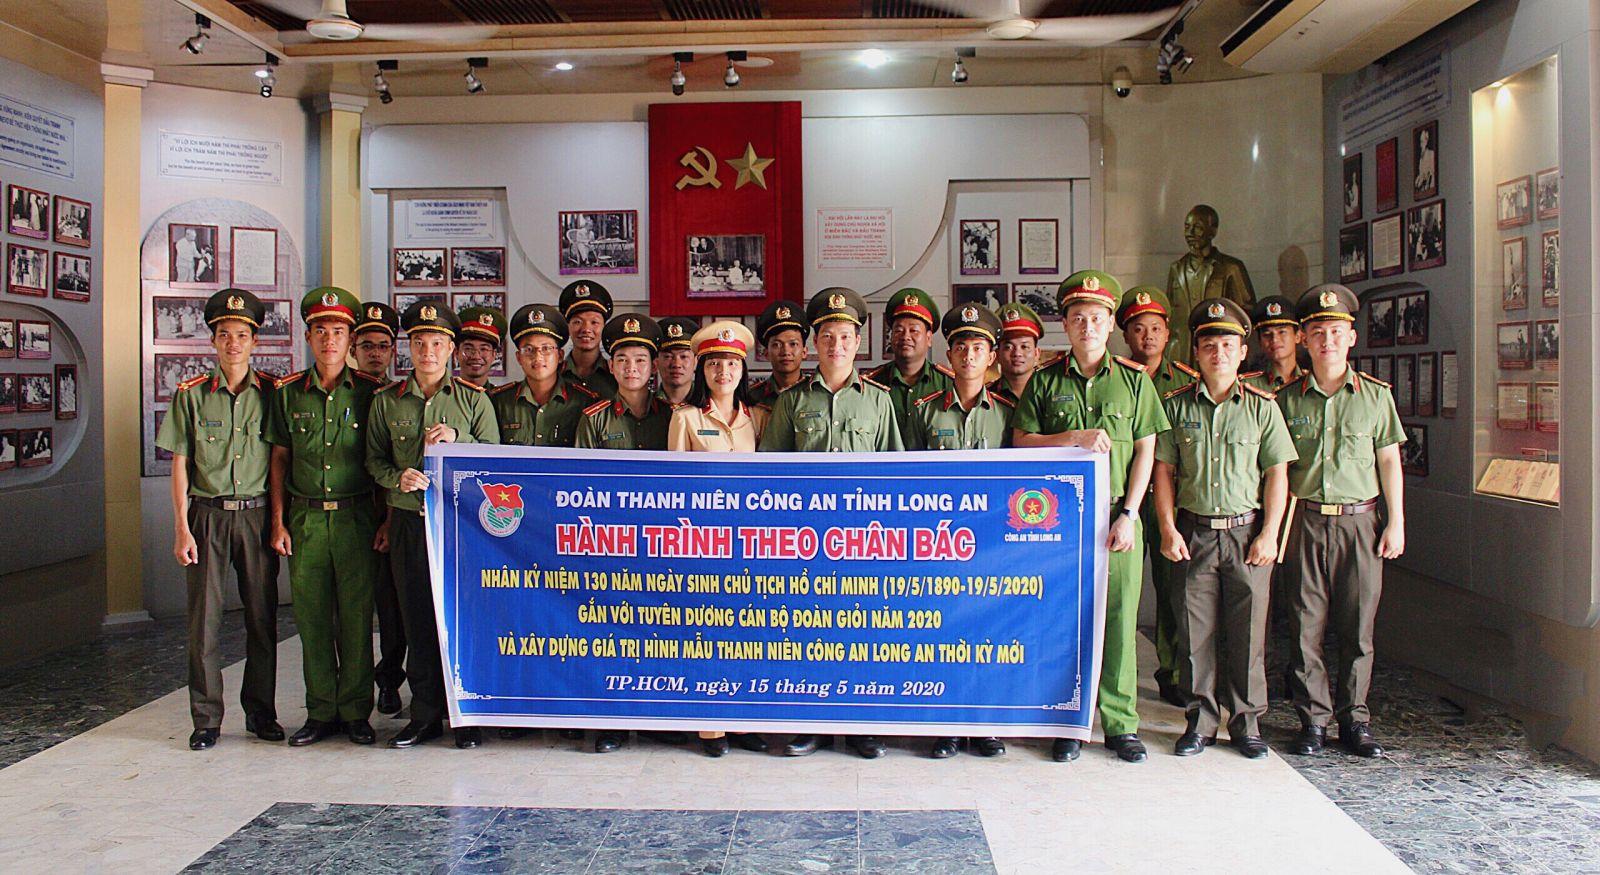 Đoàn Thanh niên Công an tỉnh tổ chức Hành trình theo chân Bác tại Bảo tàng Hồ Chí Minh